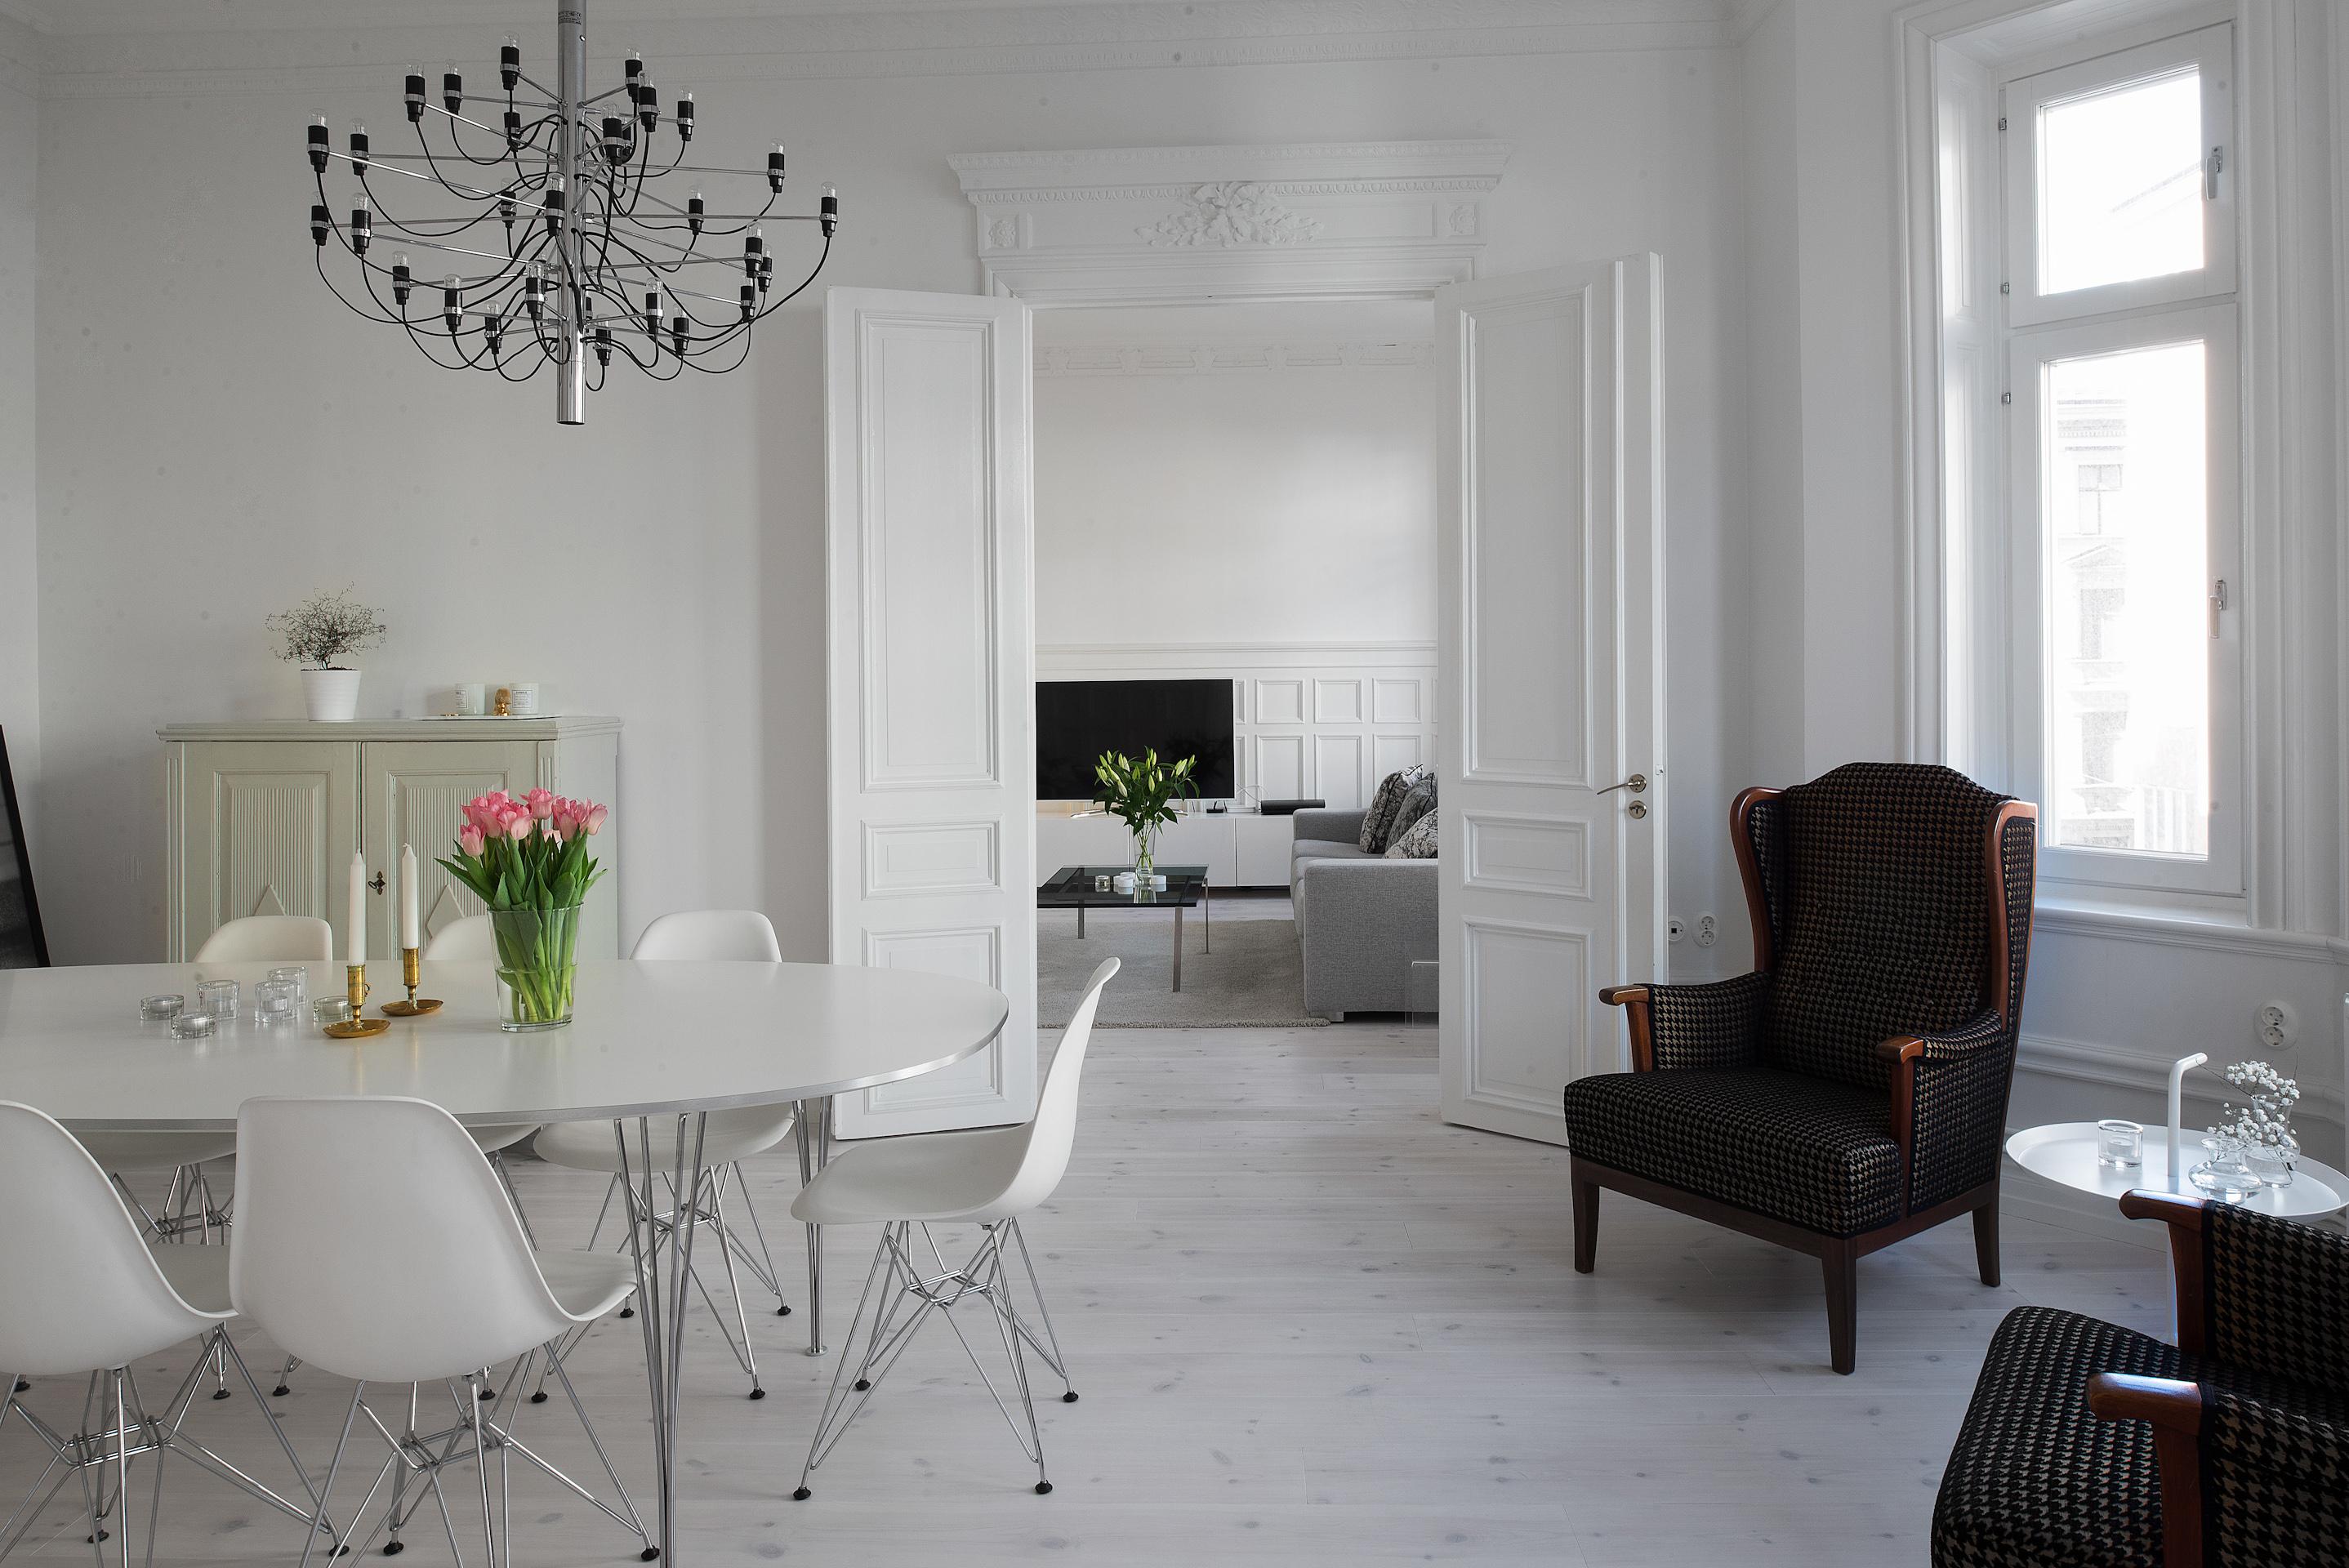 Piso elegante y moderno con elementos originales blog for Decoracion pisos modernos